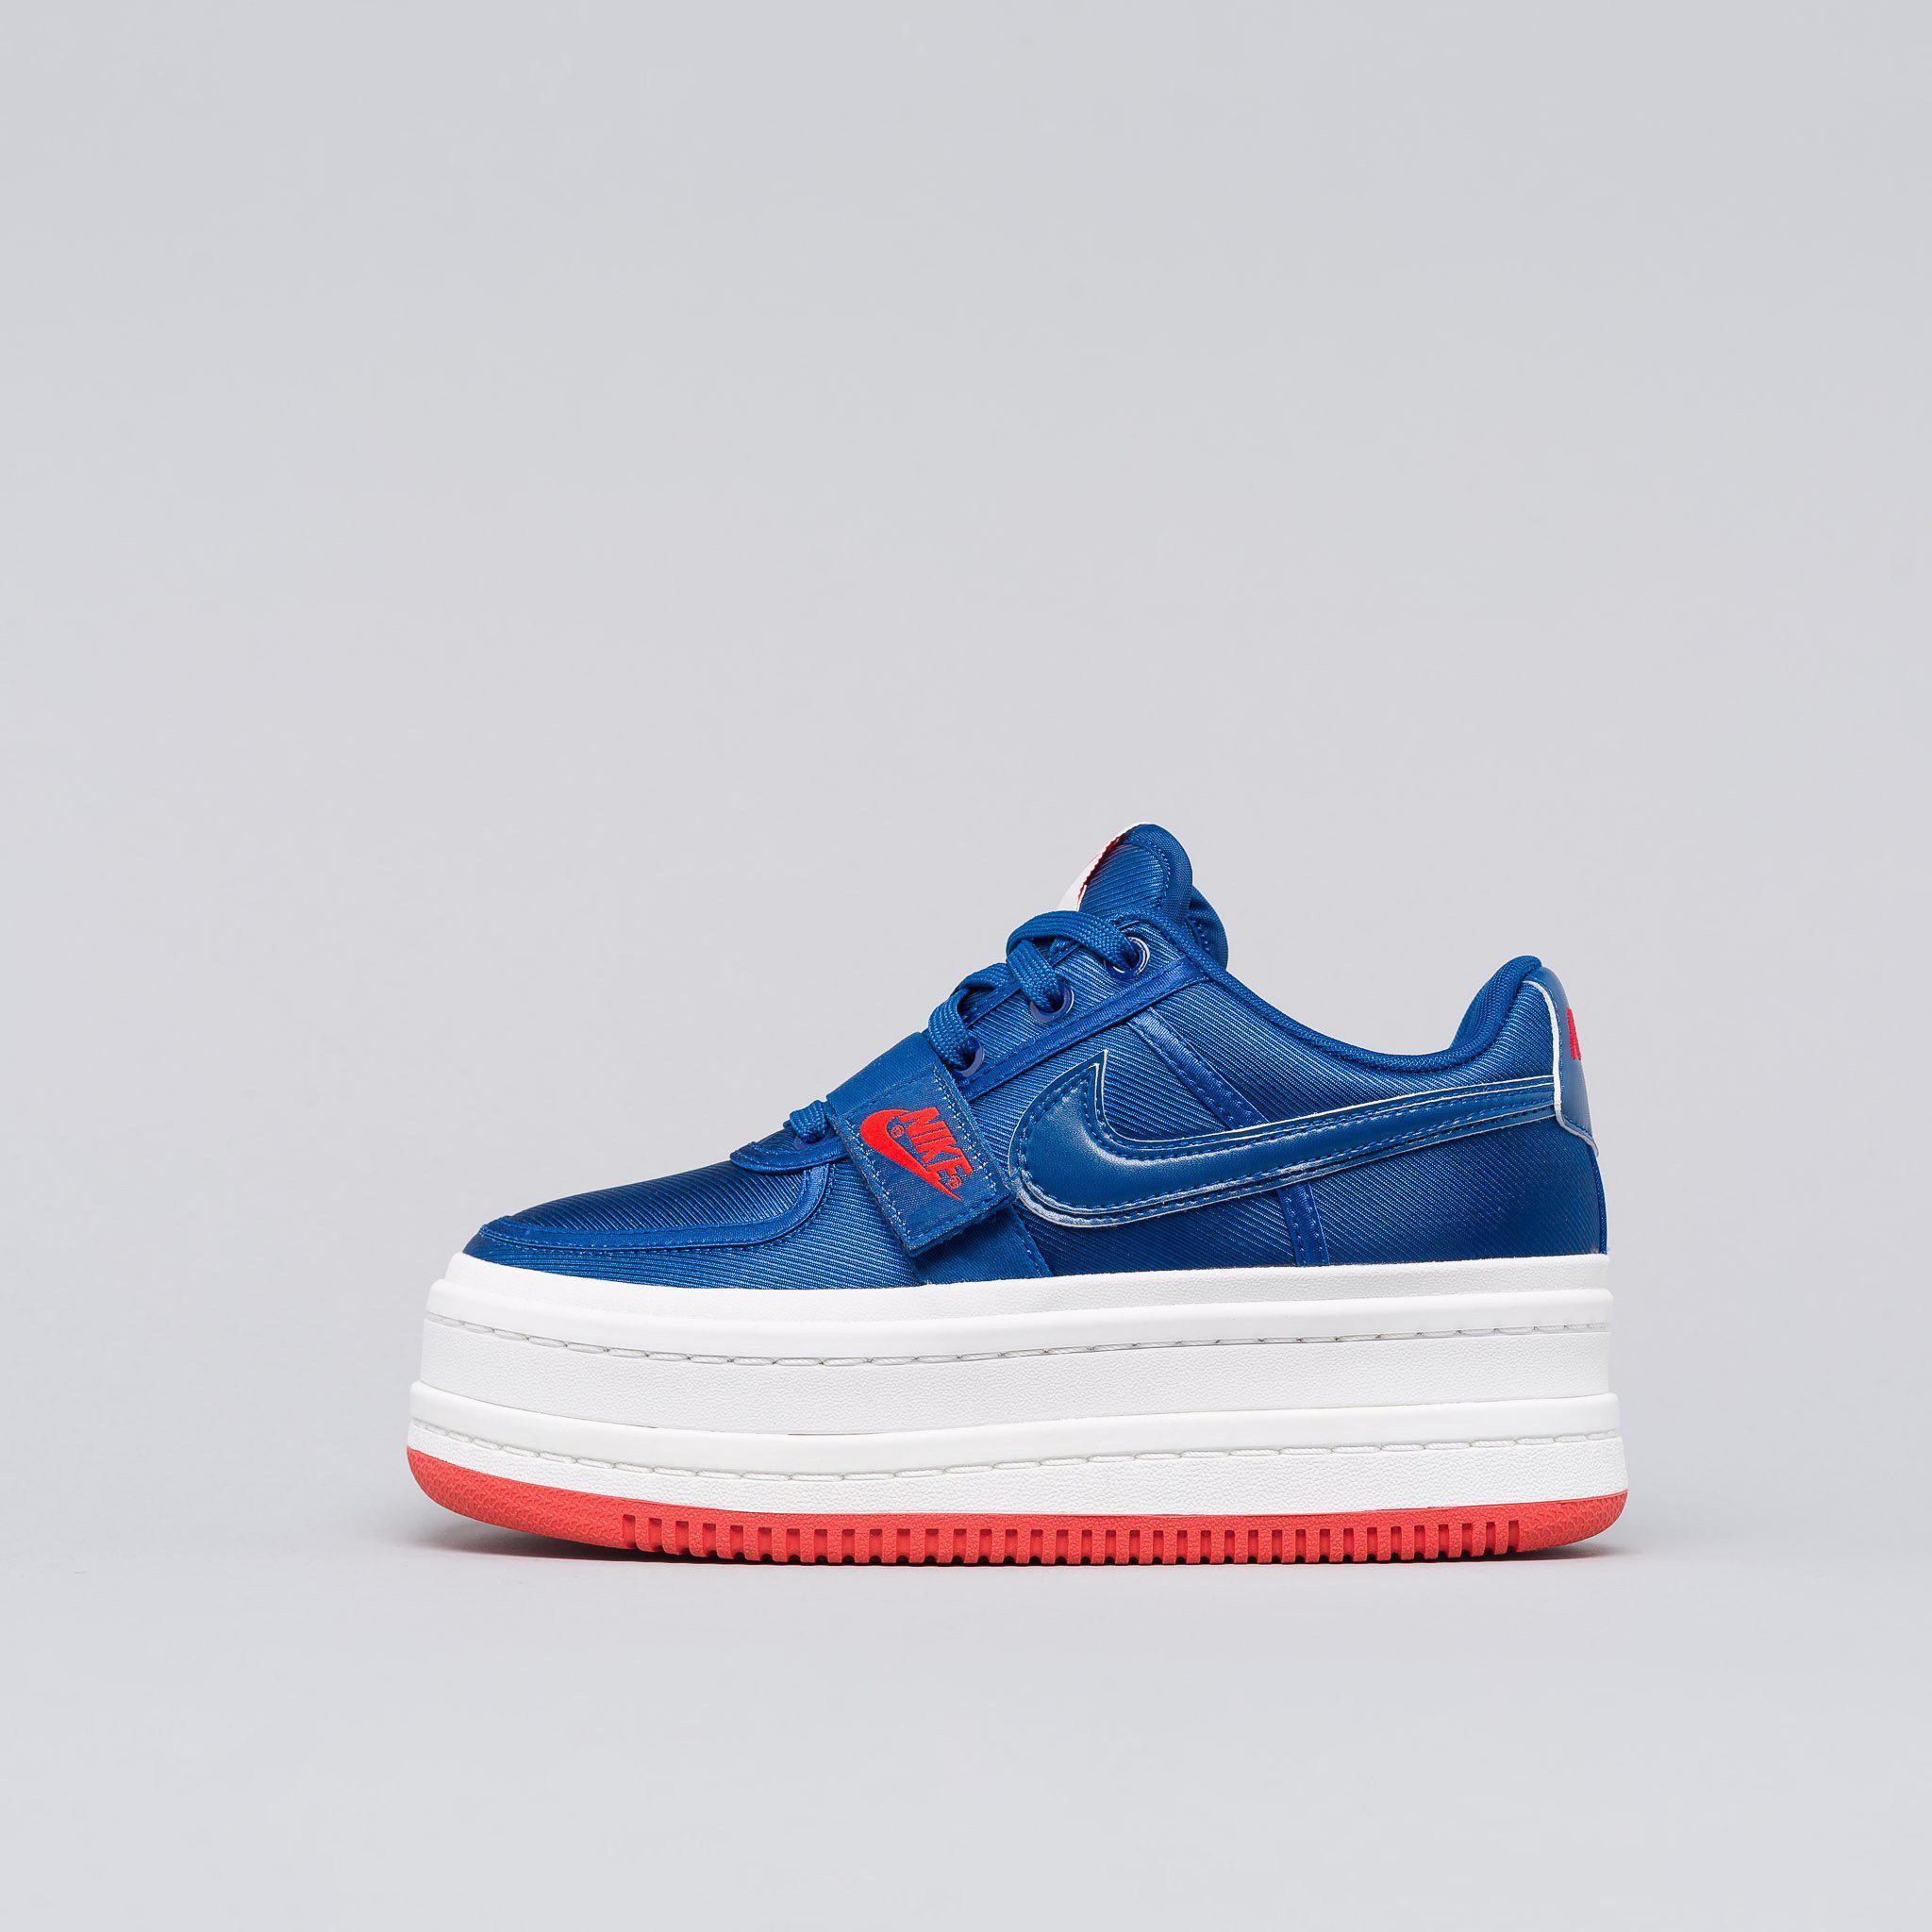 08a3249b6d51 In Bluewhite Lyst 2k Women s For Blue Nike Vandal Men qXwwISU